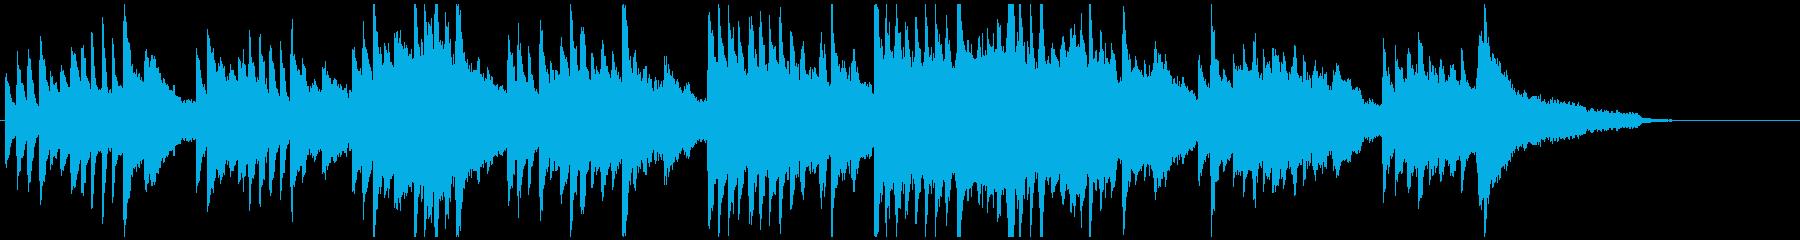 ピアノ 感動 ブライダル 清楚 シンプルの再生済みの波形